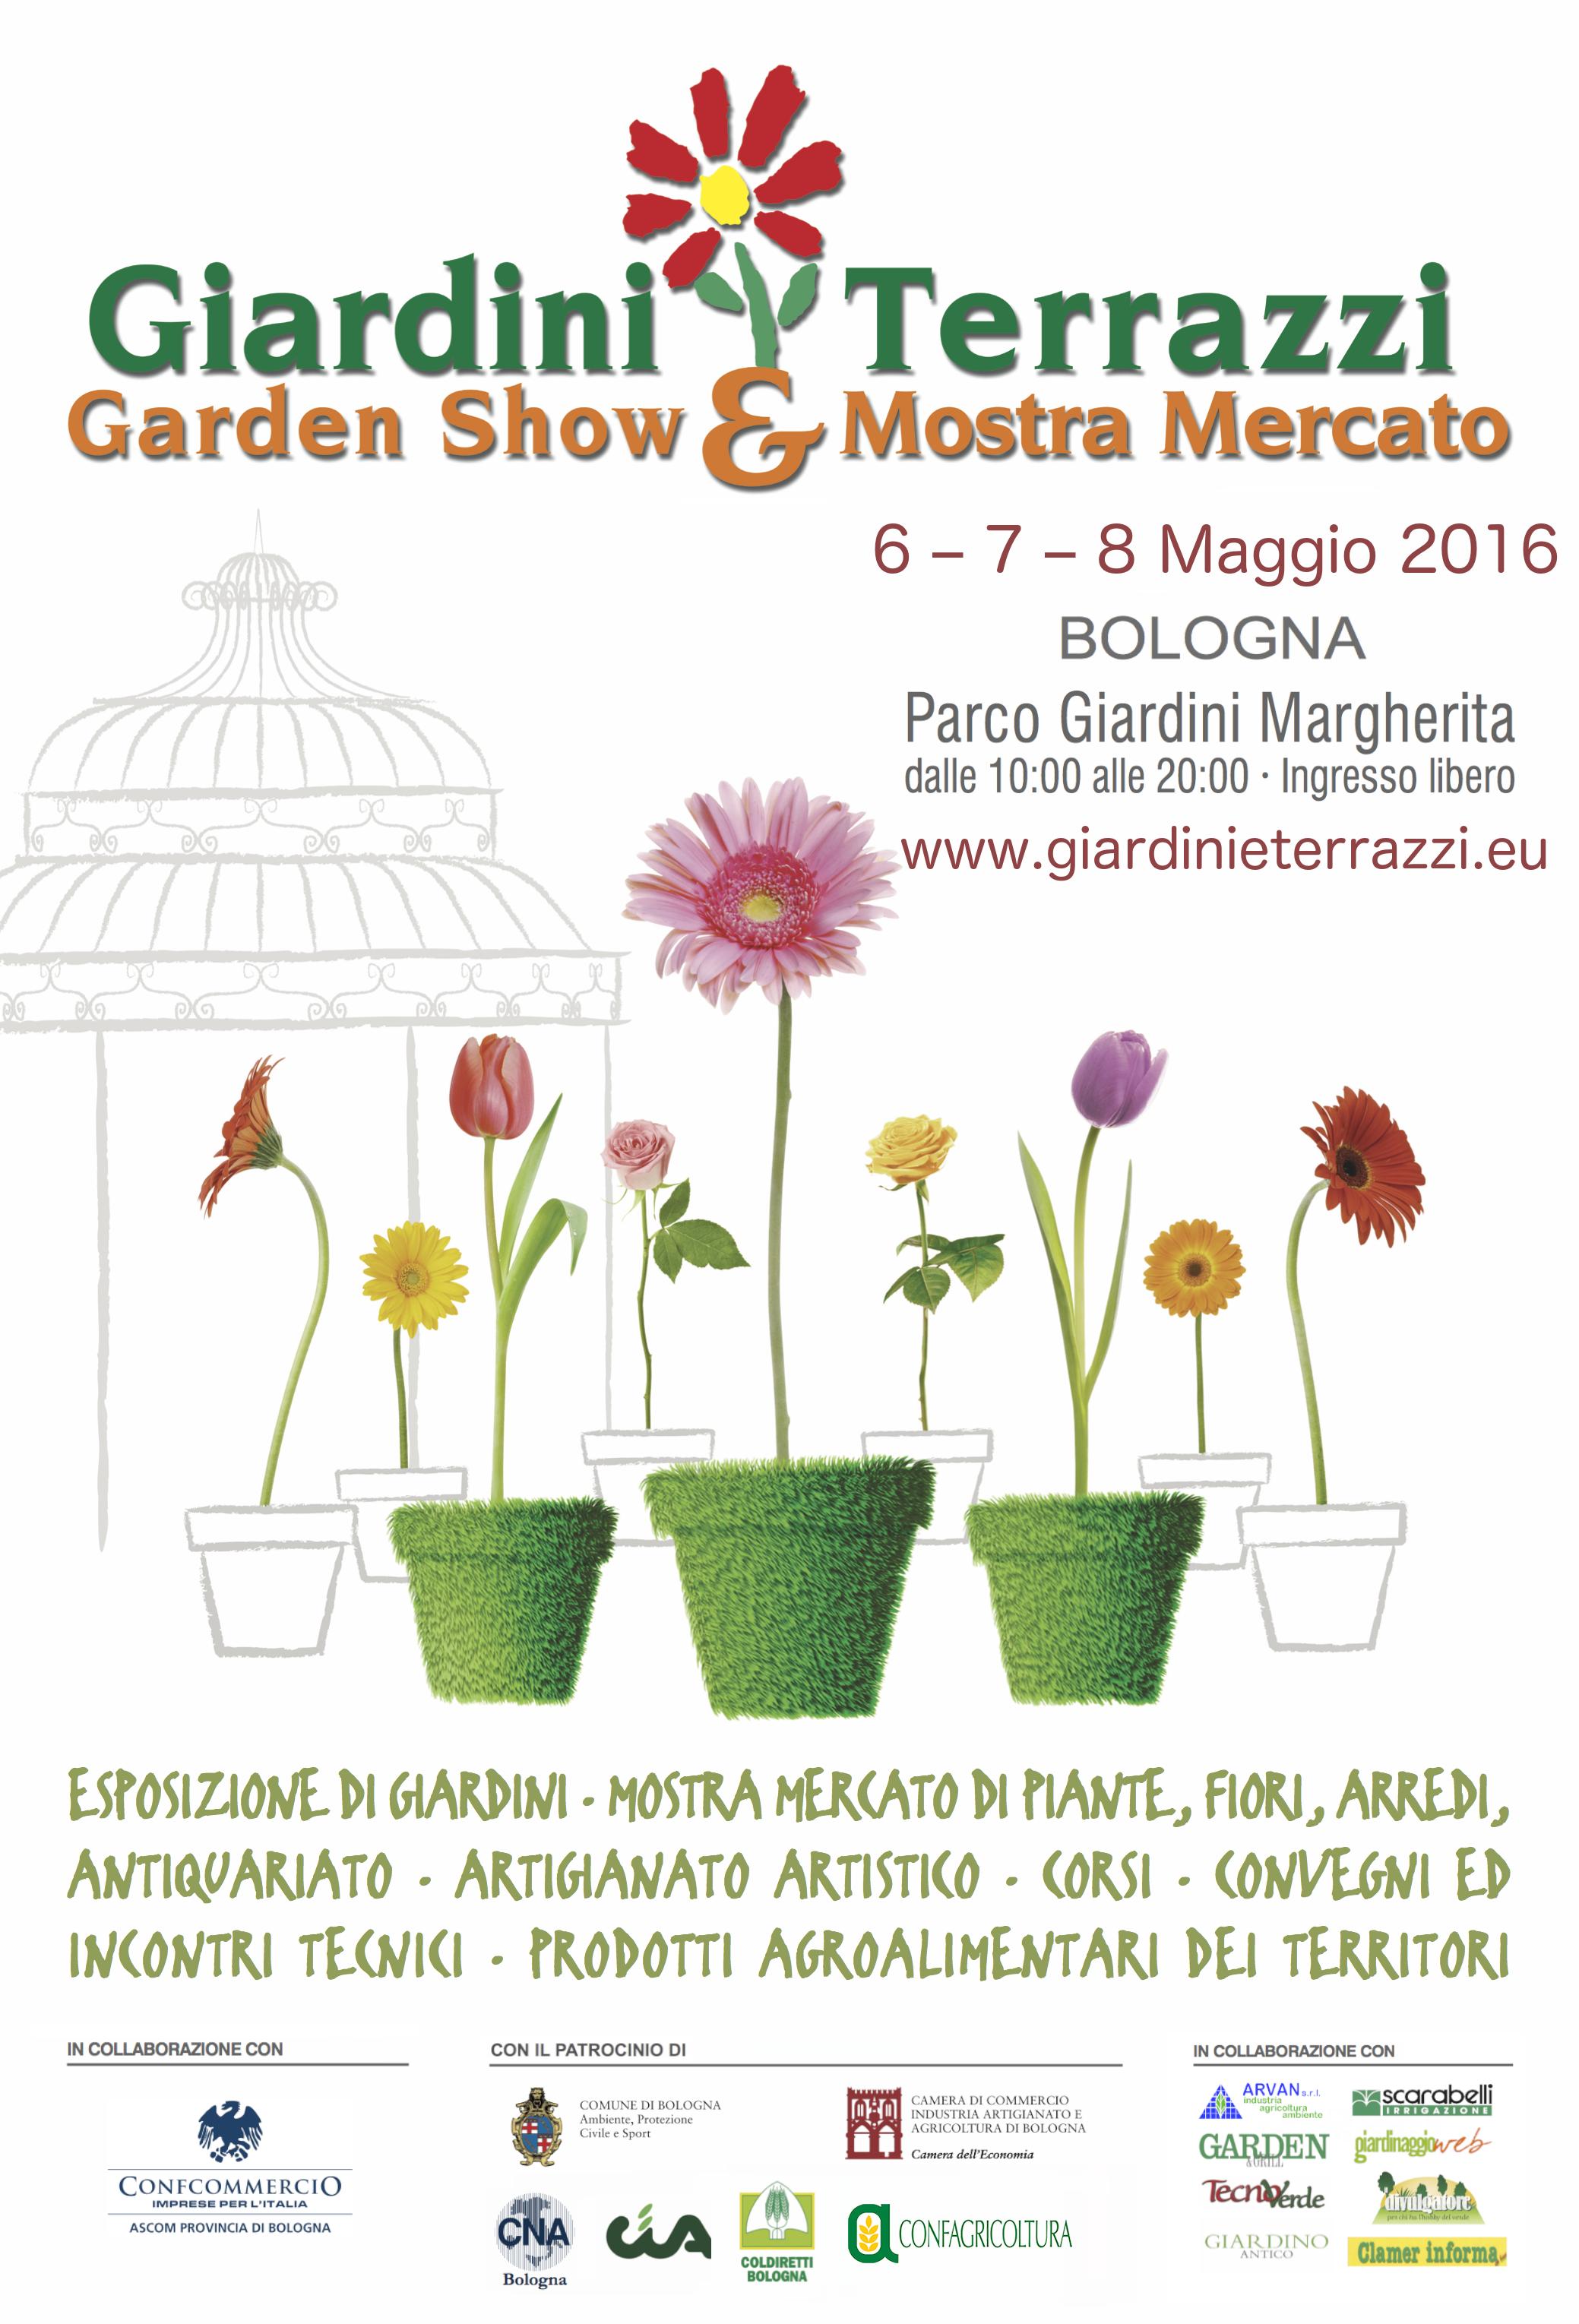 bologna2016 | Giardini & Terrazzi